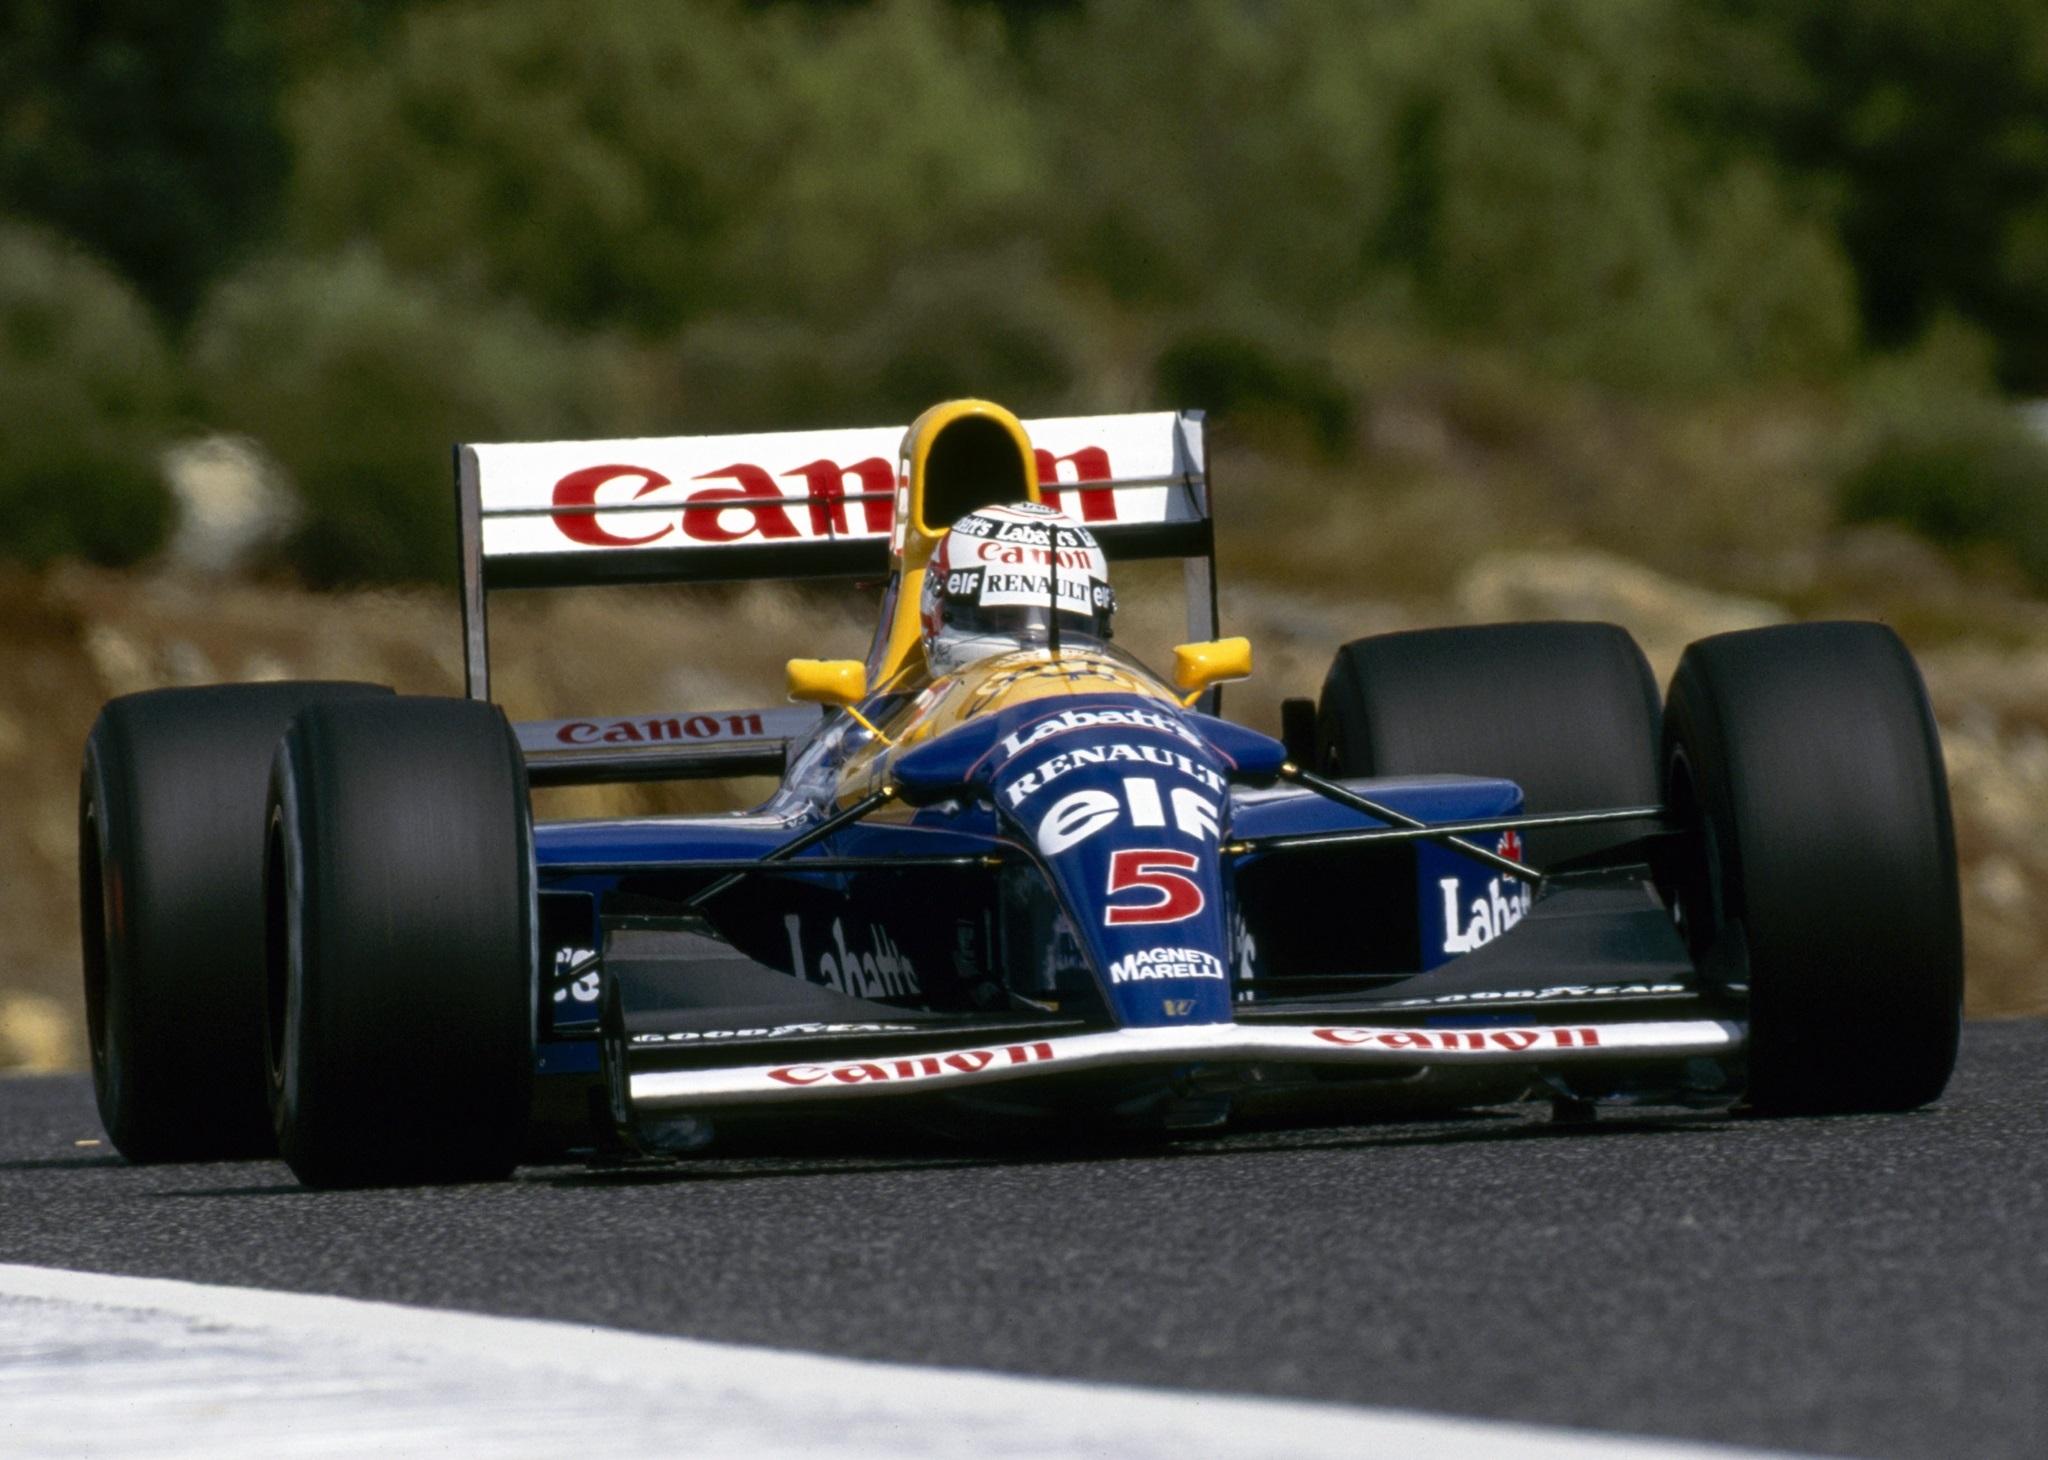 Nigel Mansell 1992 Williams FW14B